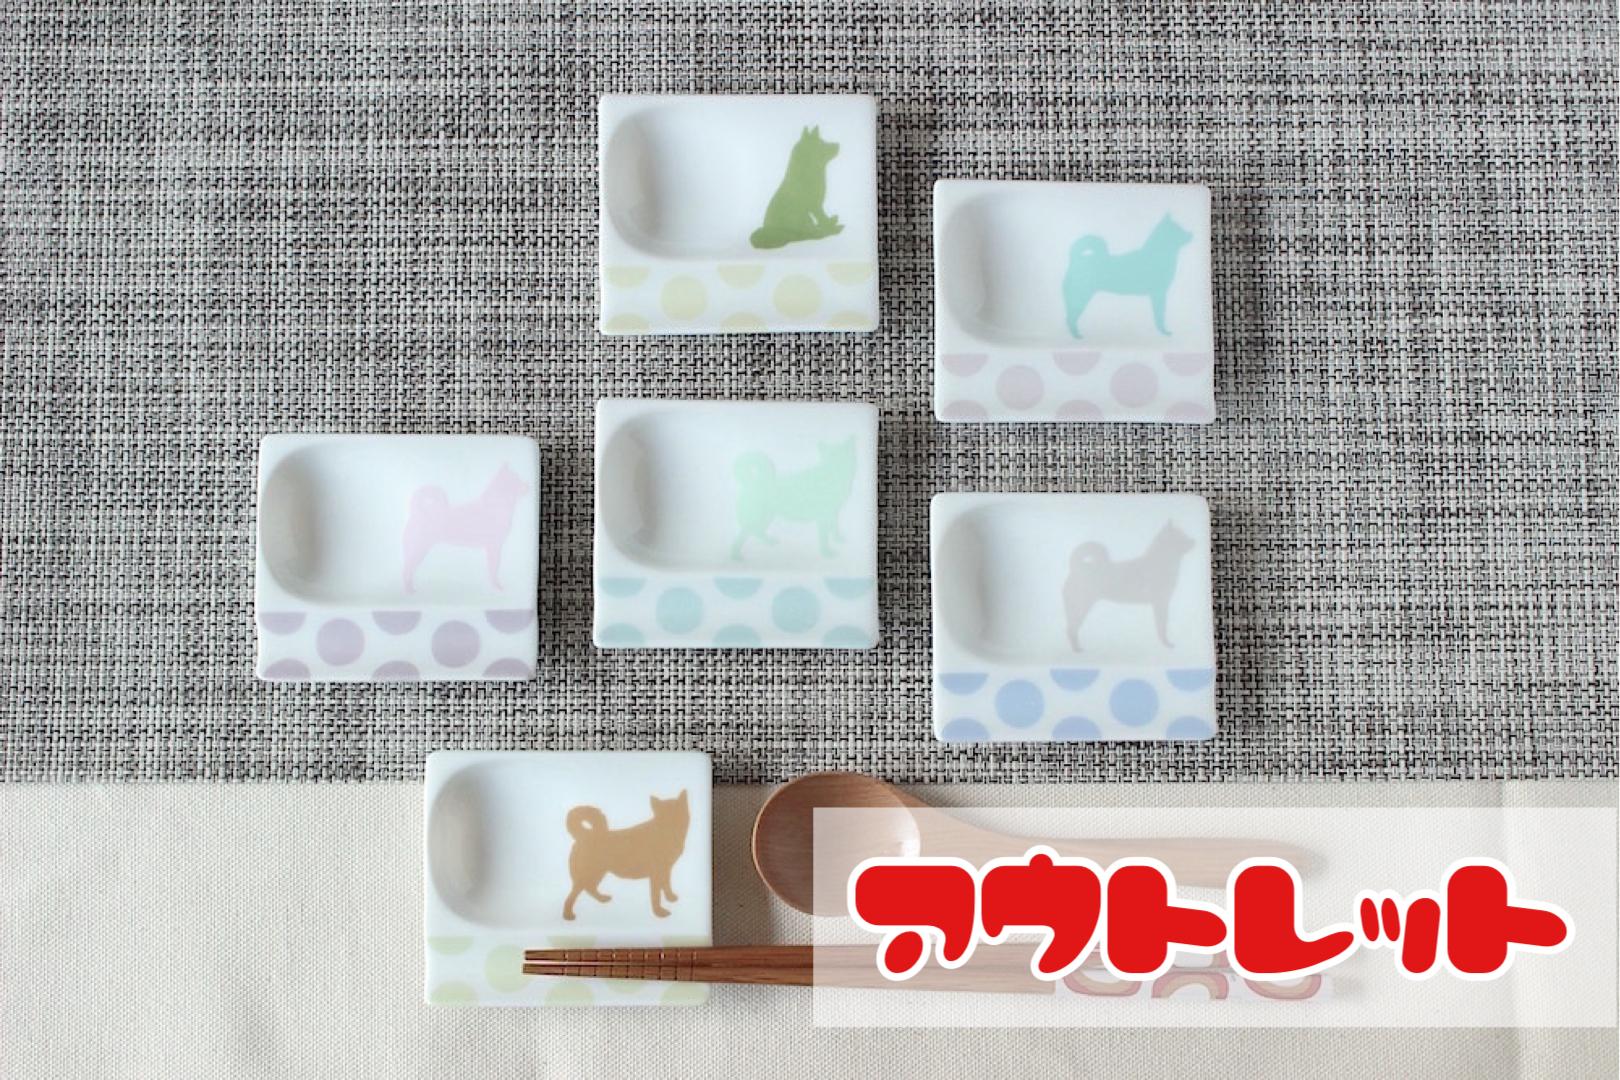 【アウトレット】かわいいポップな柴犬*スプーンレスト付き箸置き<全6種>